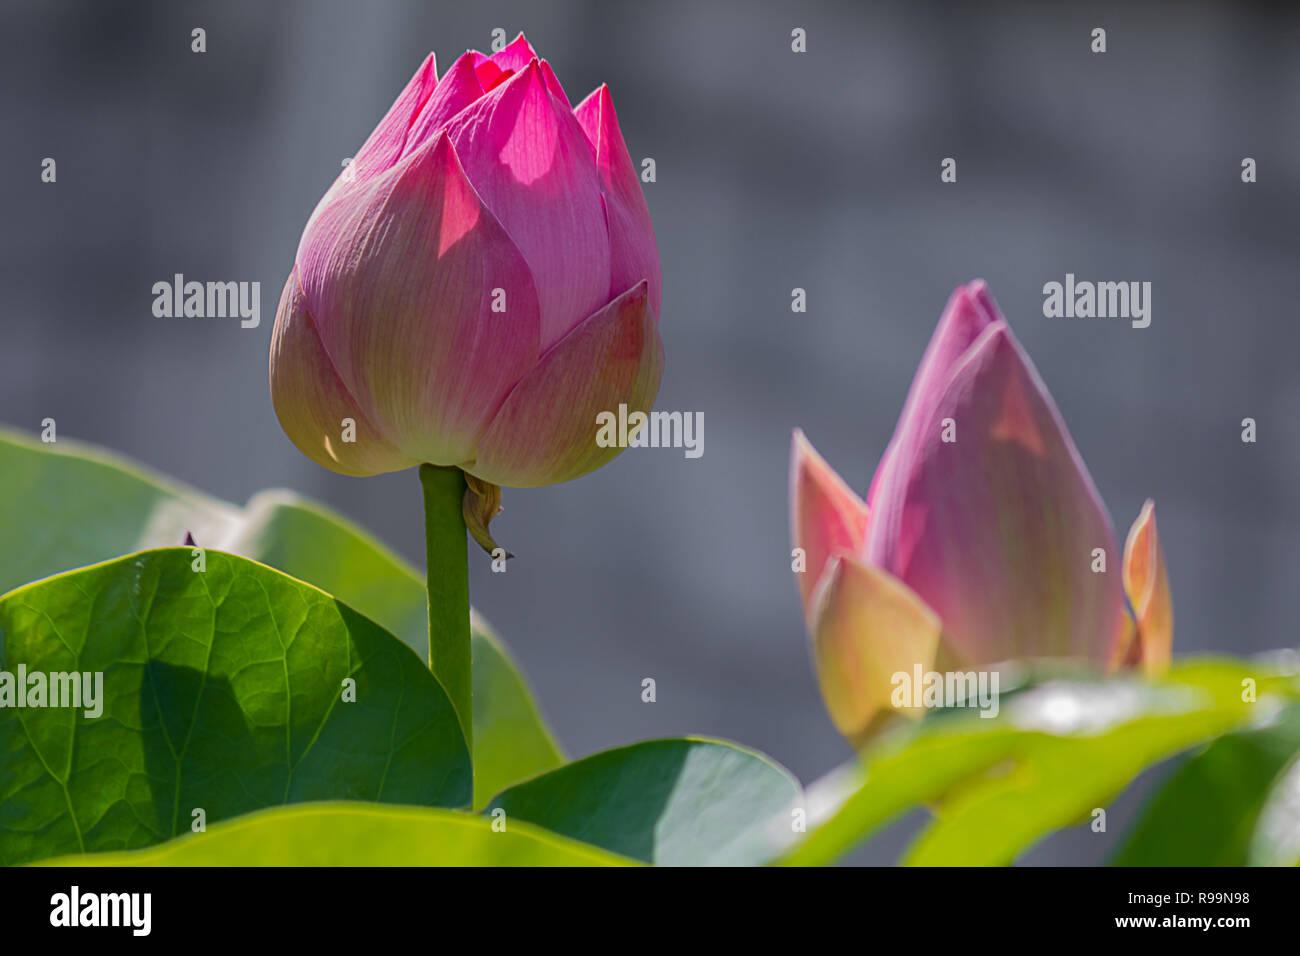 Lotus Flower Wallpaper Stock Photos Lotus Flower Wallpaper Stock